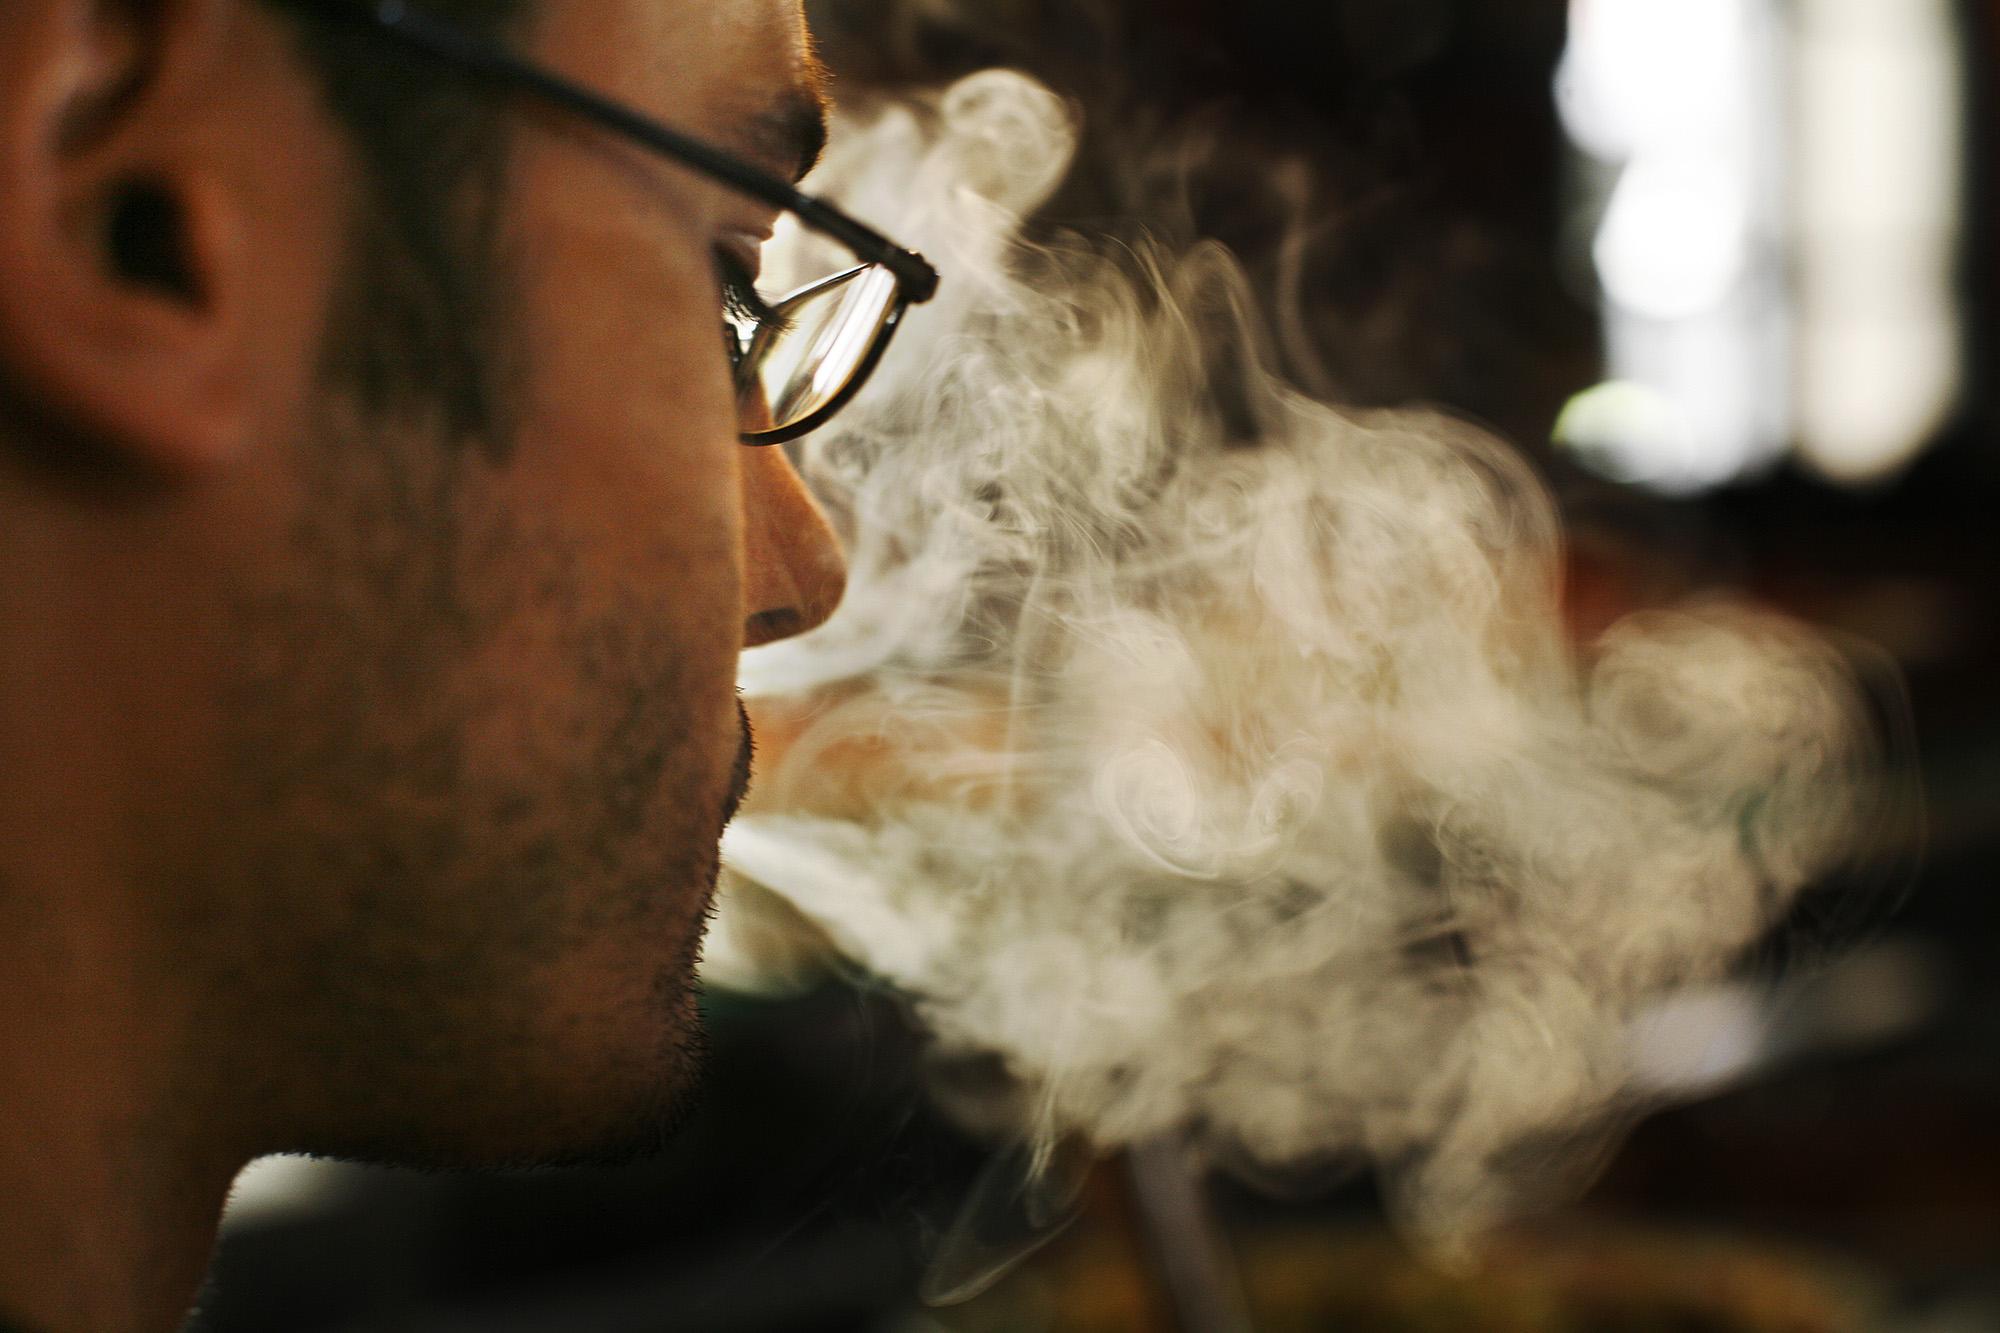 Fumar en las puertas de los bares aumenta el nivel de nicotina en su interior